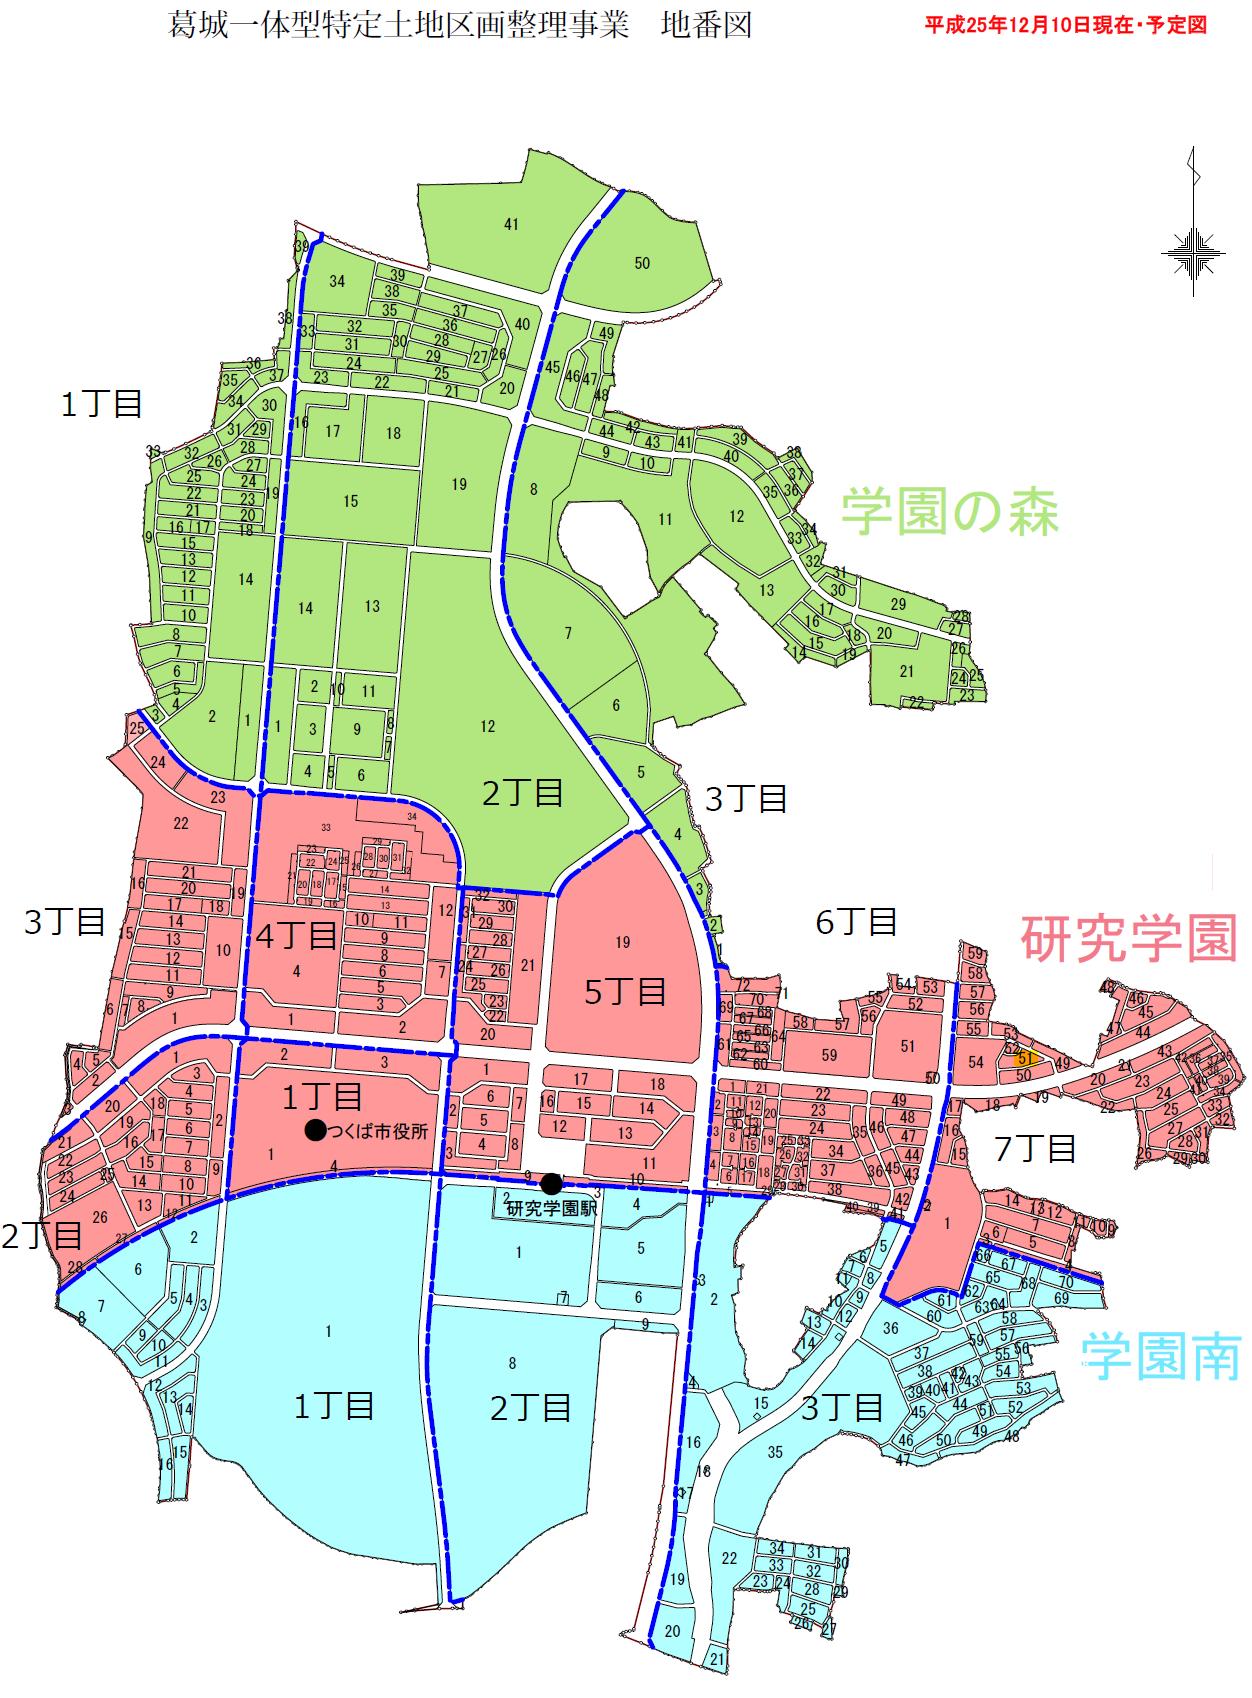 2014年夏、研究学園駅地区が新住所に移行します! - 研究学園の ...